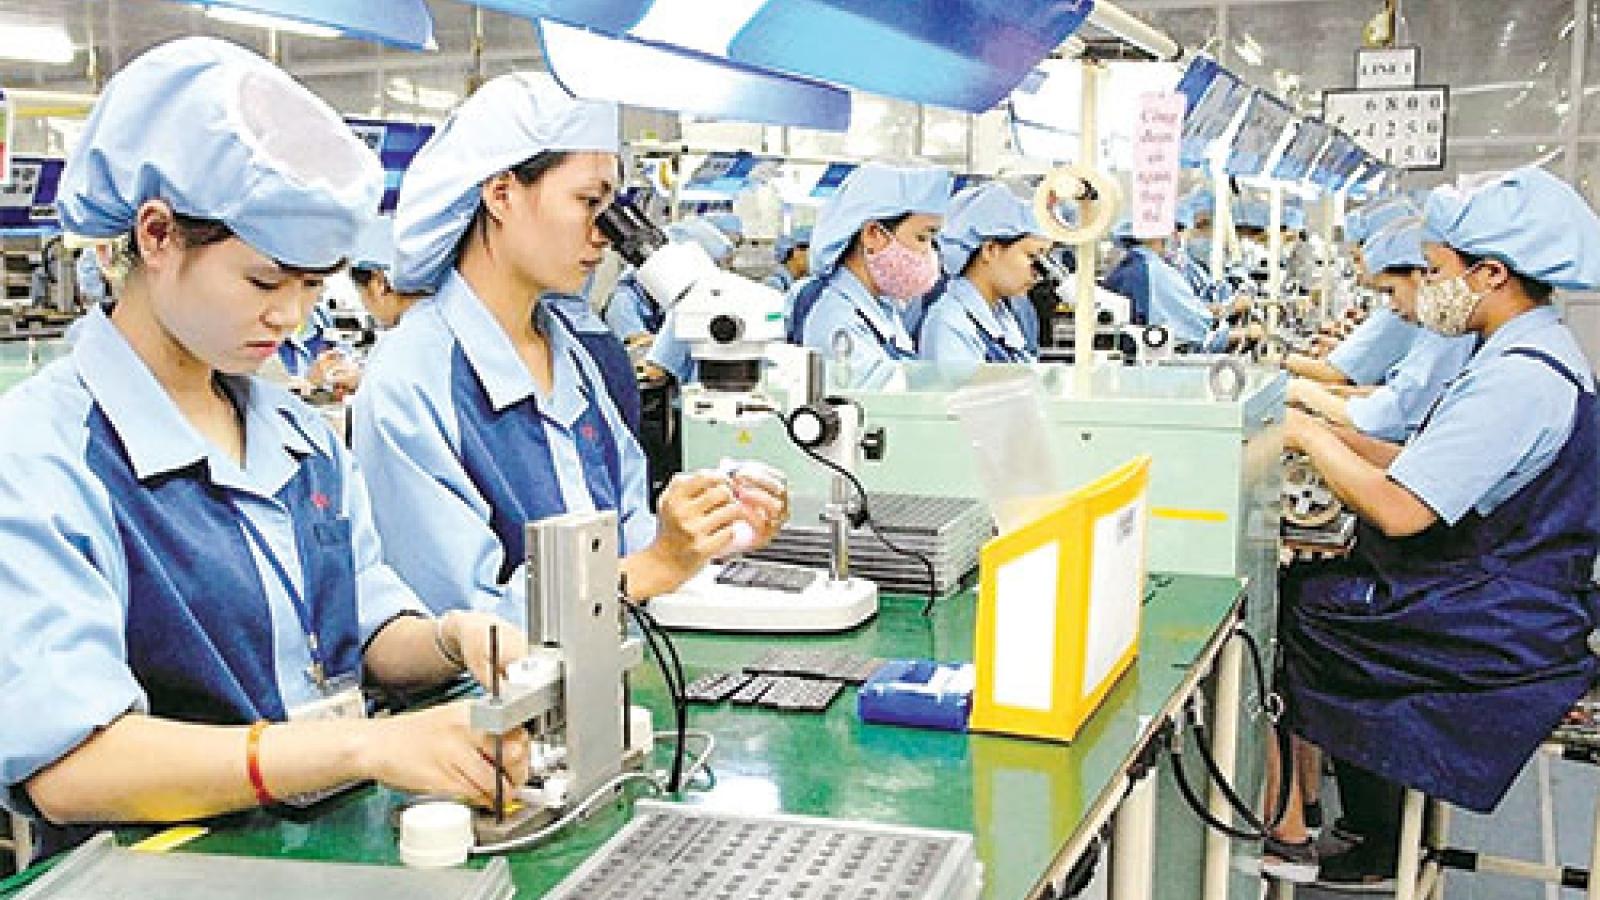 Phát triển kinh tế tư nhân: Cơ quan quản lý cần thay đổi thái độ ứng xử, cung cách phục vụ